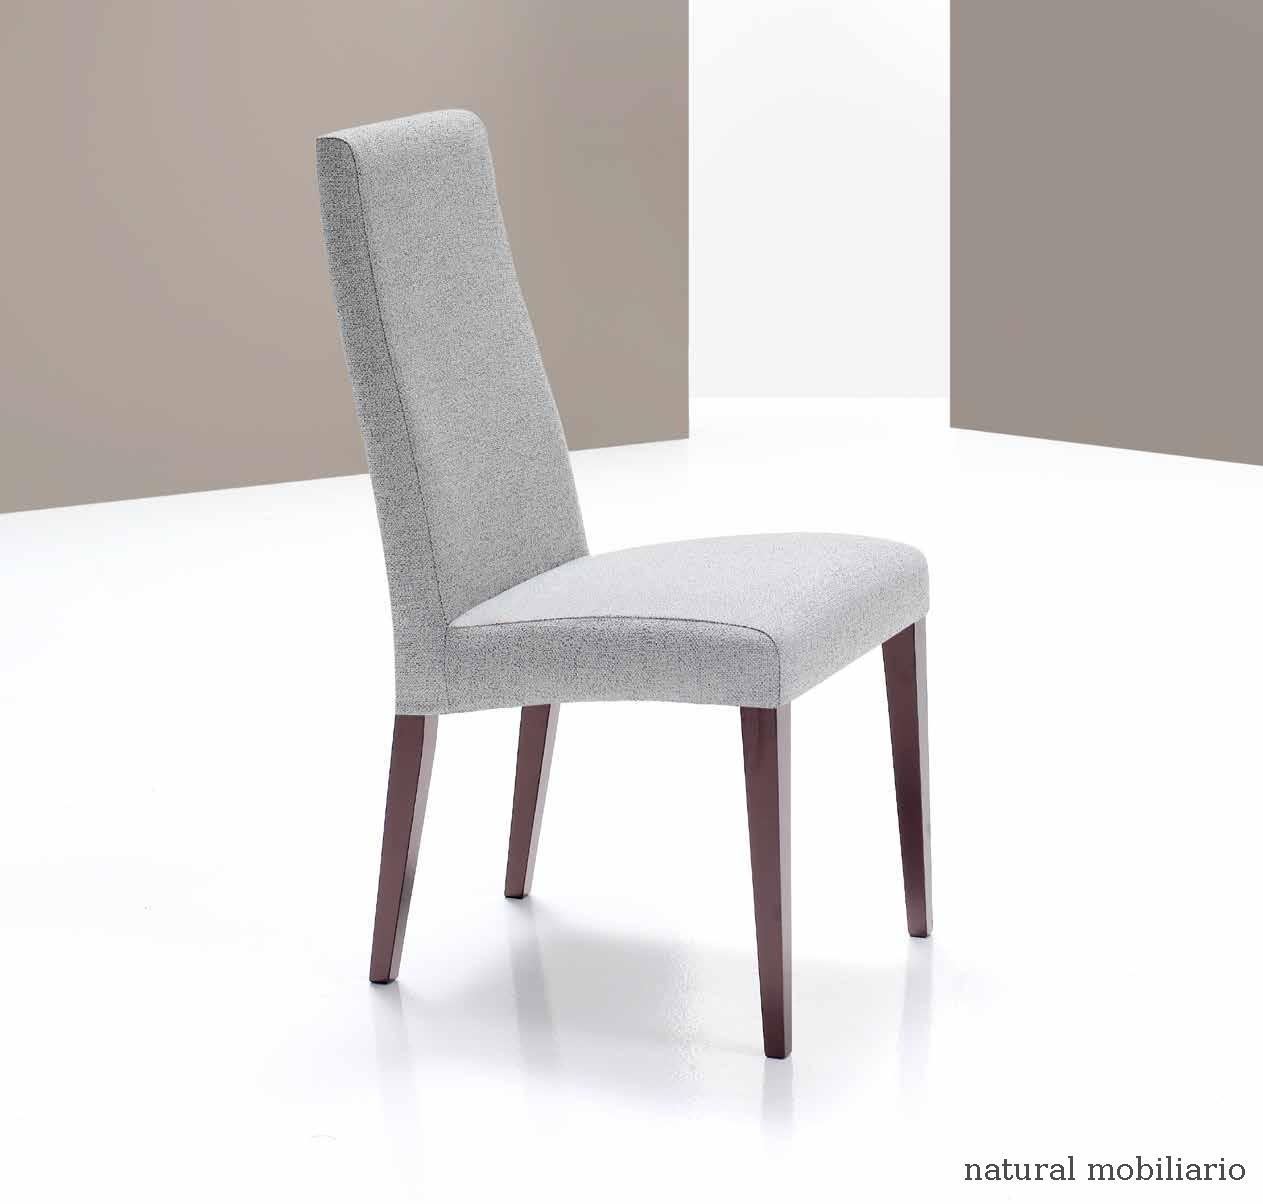 Muebles promociones de sillas mas barato silla modesto y navarro ona